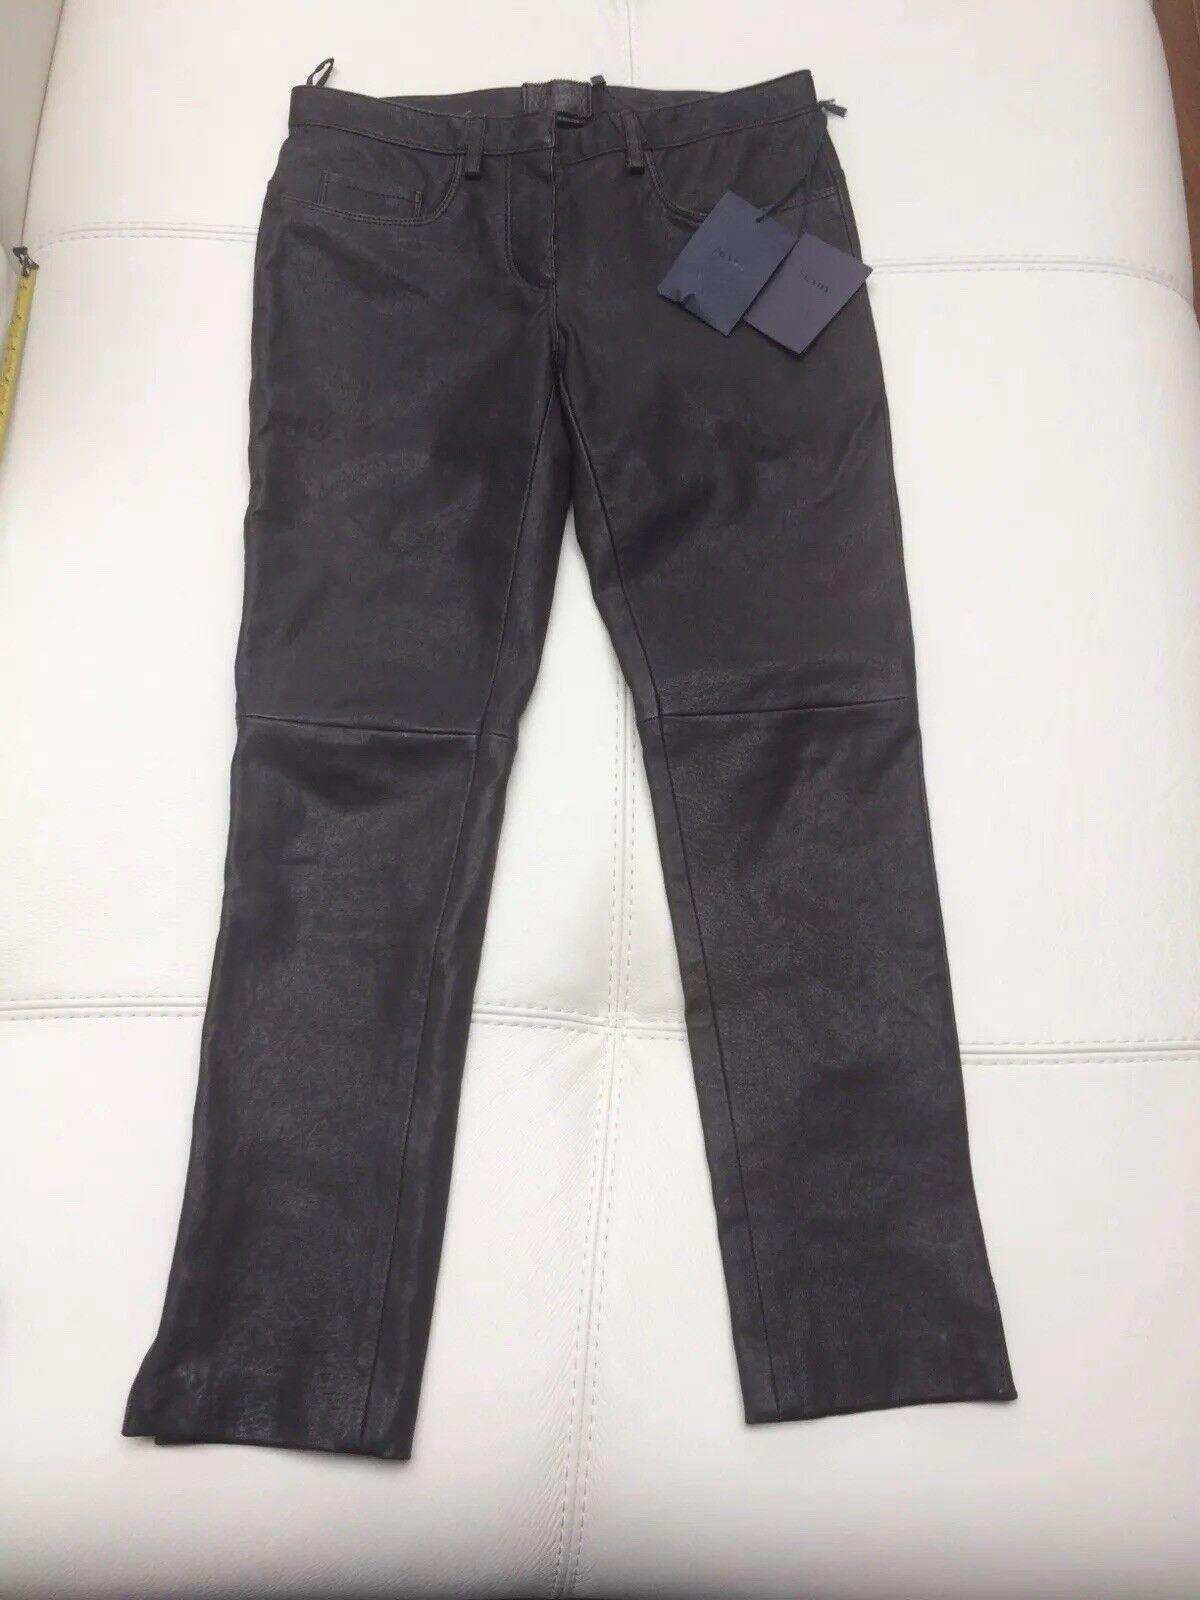 Prada Stretch Leather Trousers Sz 38